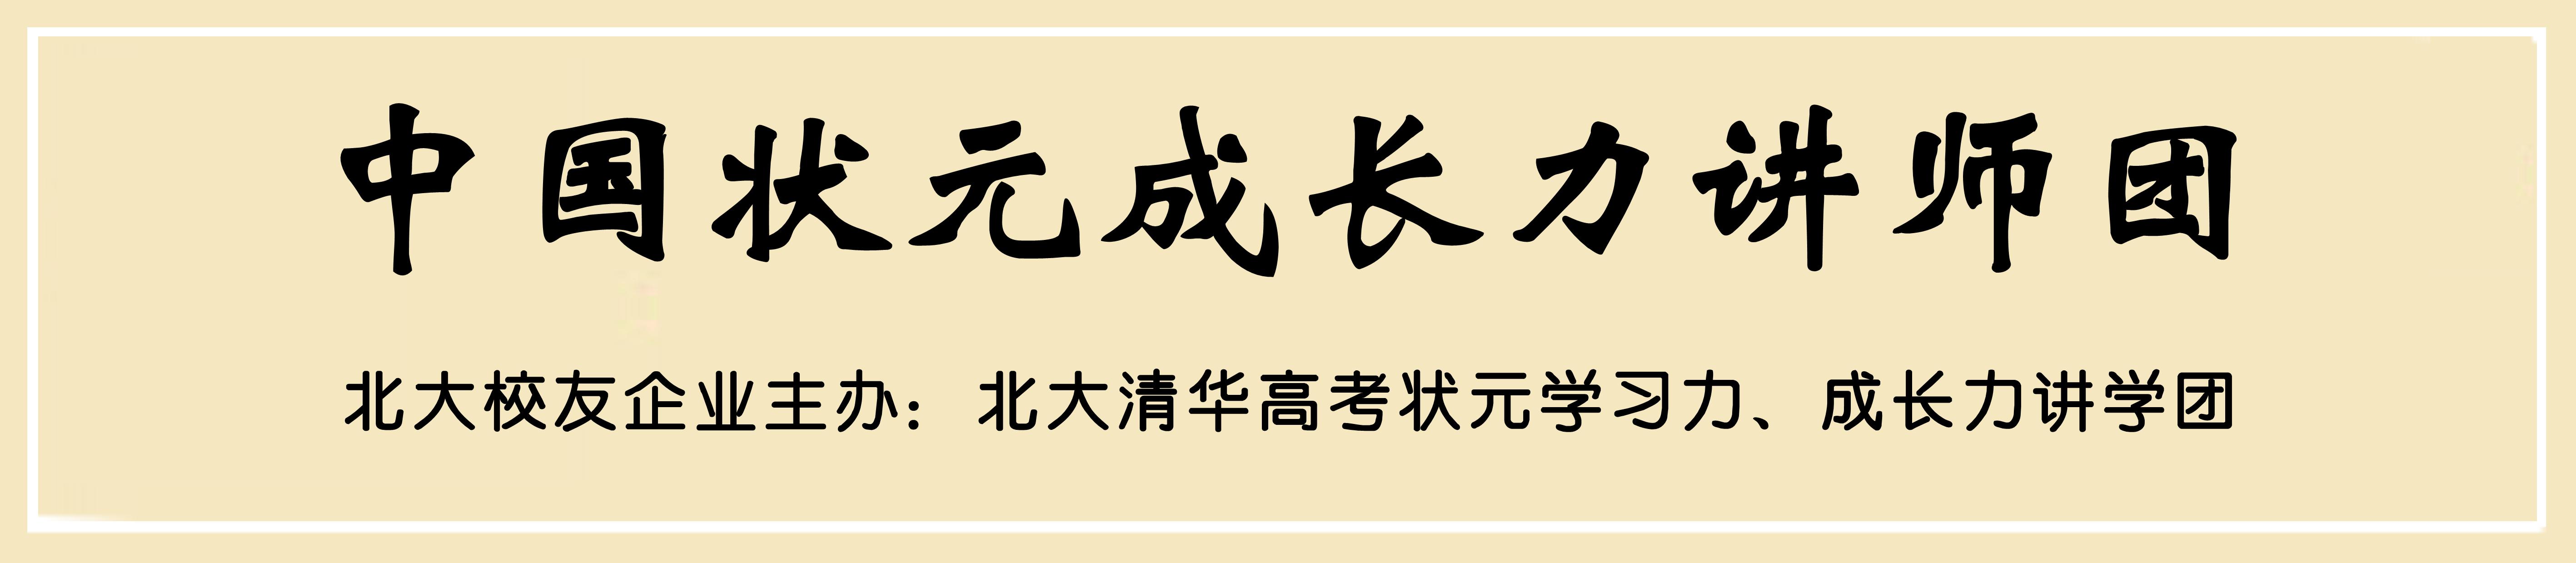 """石家庄中考高分考生分享""""学习经"""":学习有窍"""